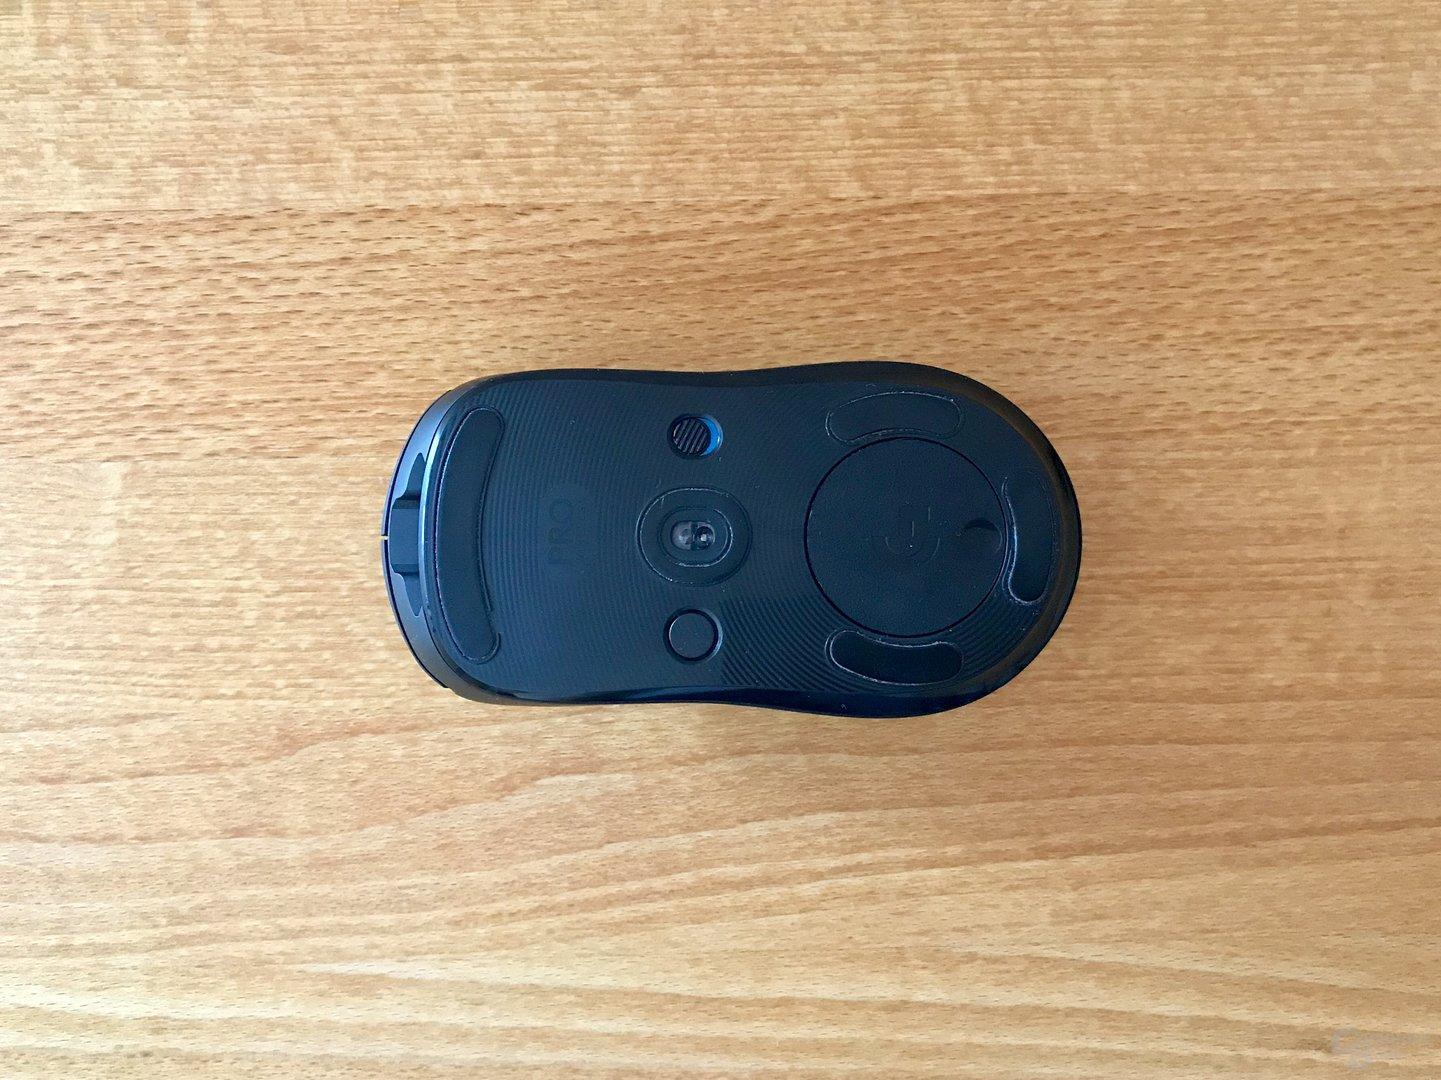 Unterseite mit dpi- und An/Aus-Schalter sowie Fach für den Funkadapter